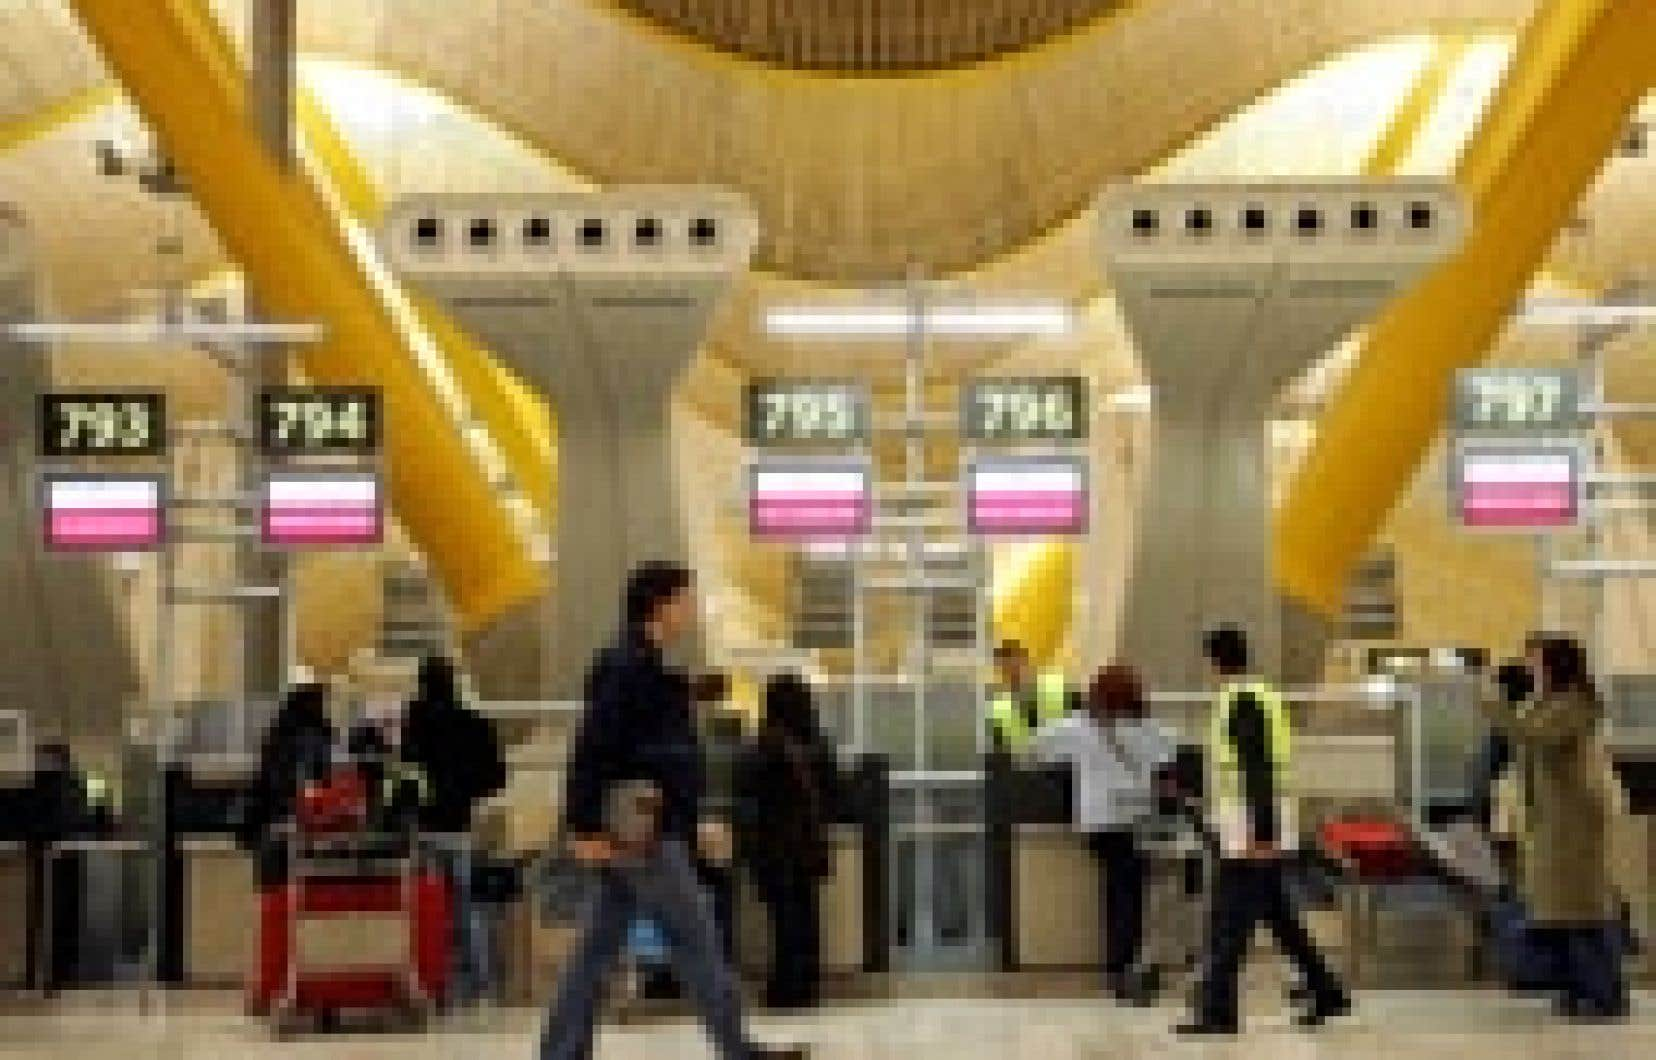 Le nouvel aéroport de Madrid, qui sera officiellement inauguré ce mois-ci, recevra 70 millions de passagers cette année.